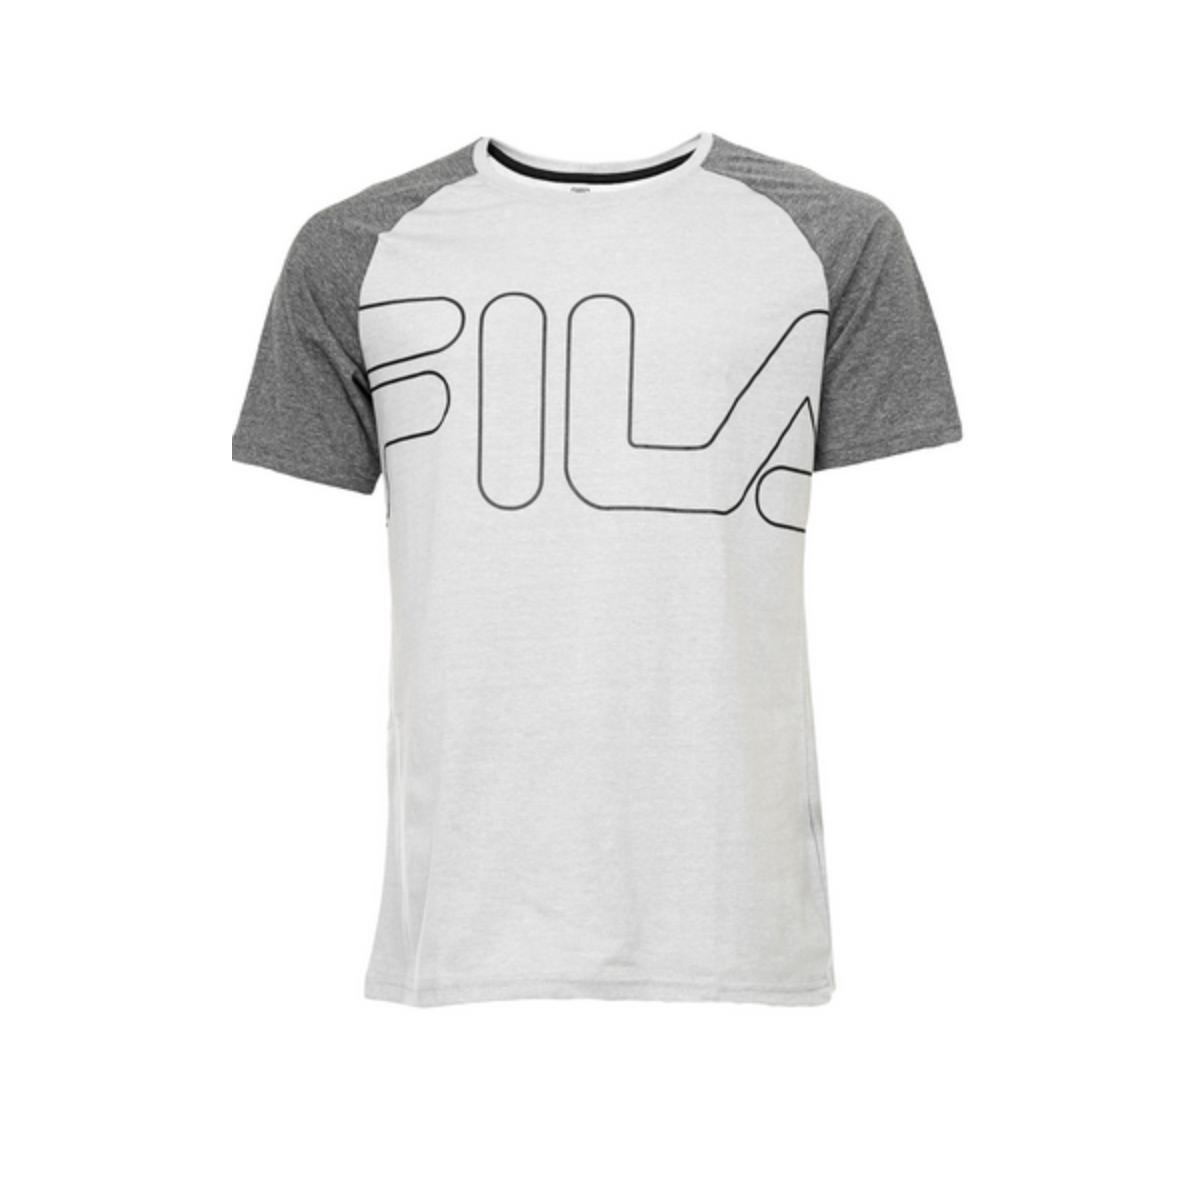 Camiseta Masculina Fila Tr180436 Essental 1966 Mescla